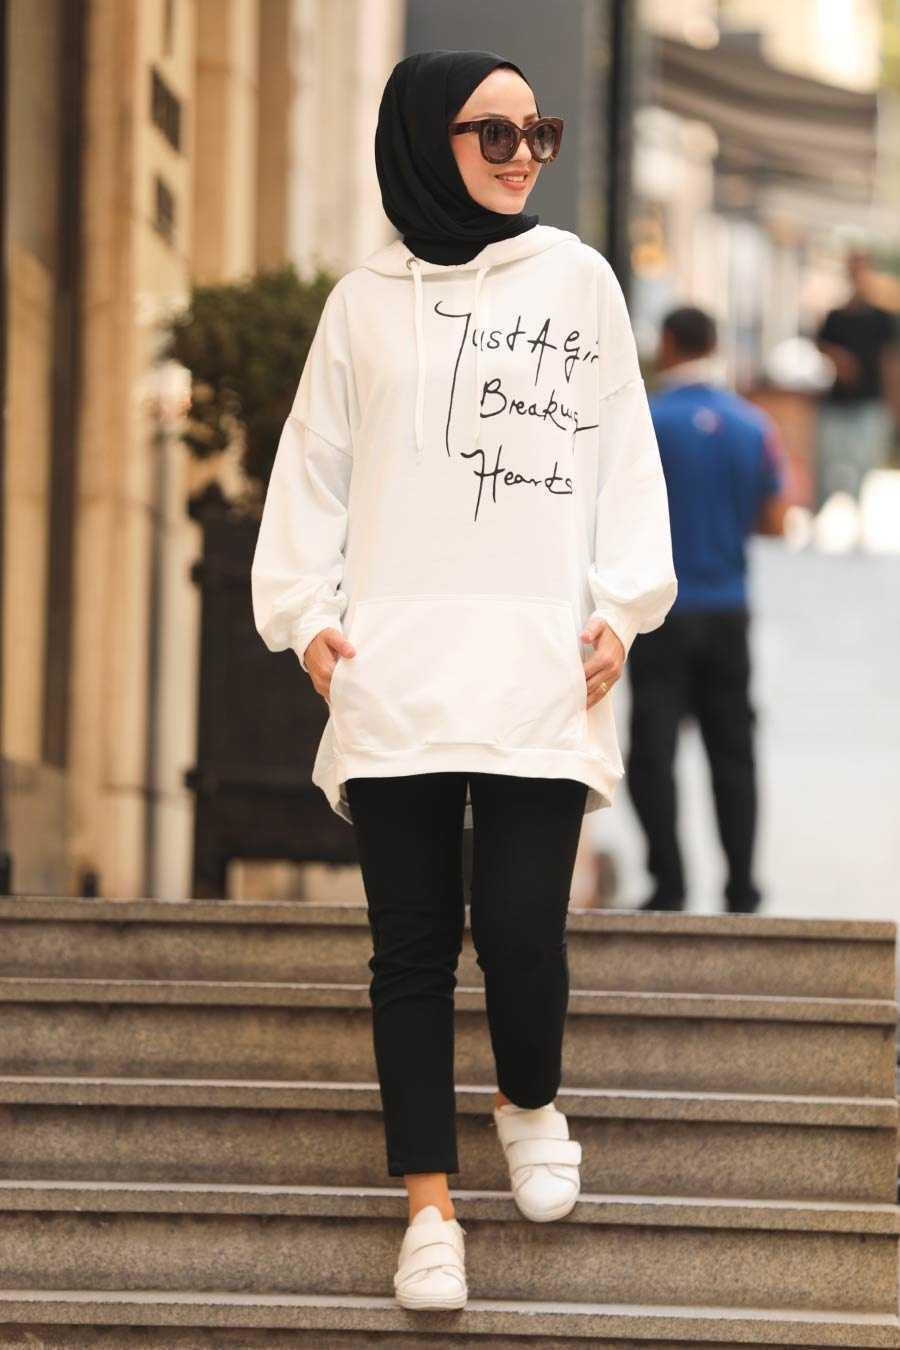 Neva Style Baskılı Tesettür Sweatshirt Modelleri